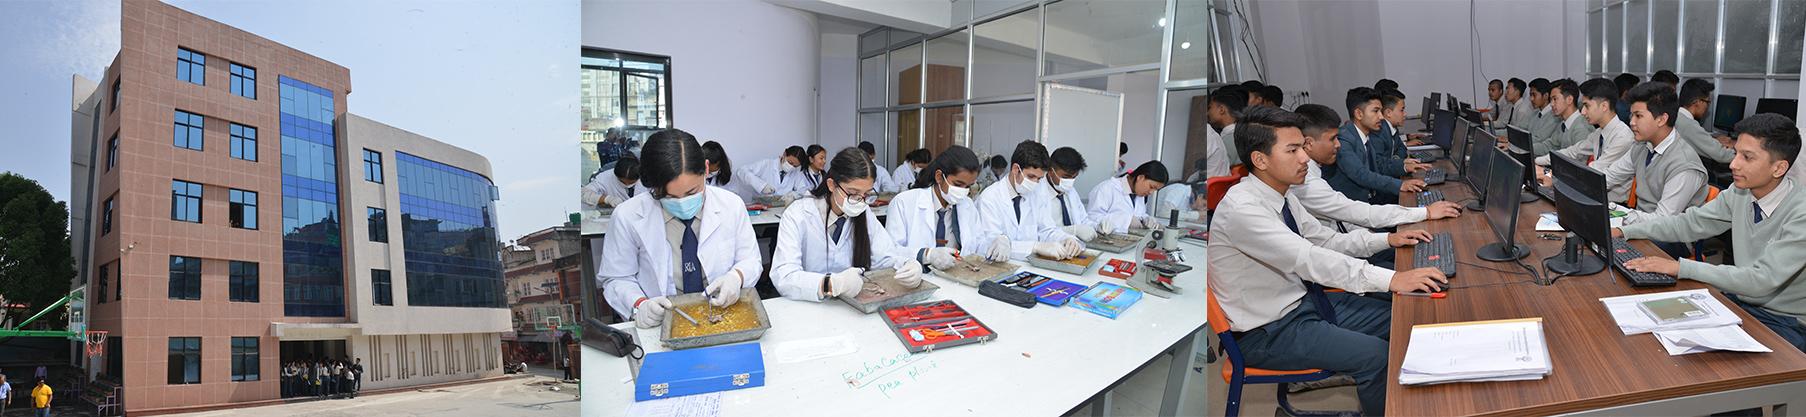 Reliance International Academy (RIA)